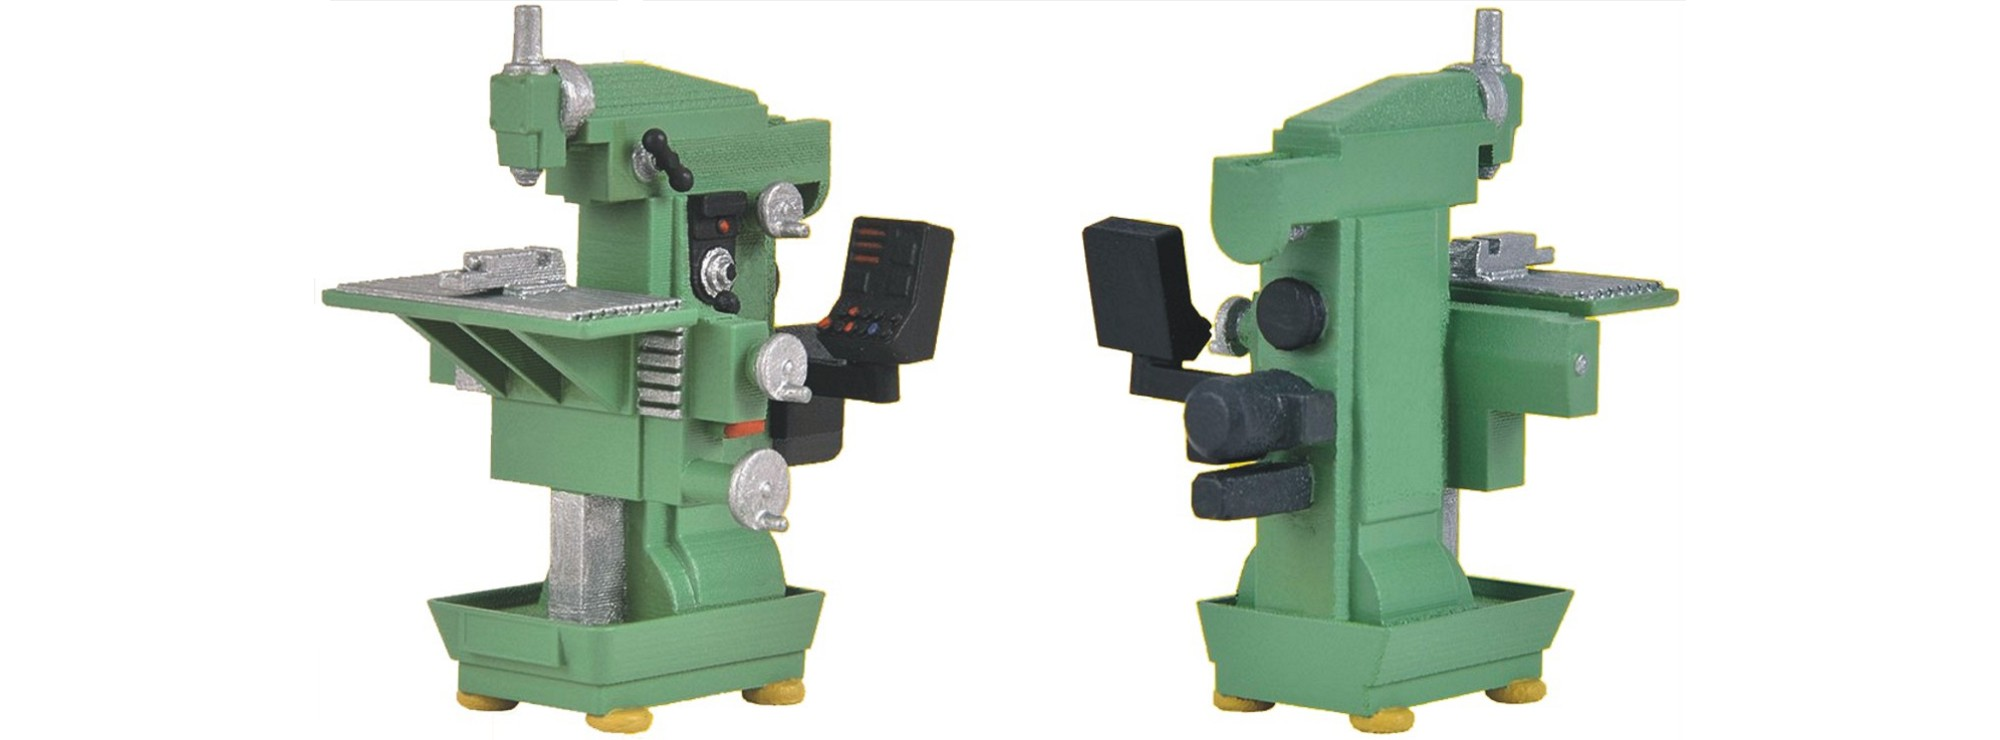 Kibri 38671 Fertigmodell H0 Fräsmaschine